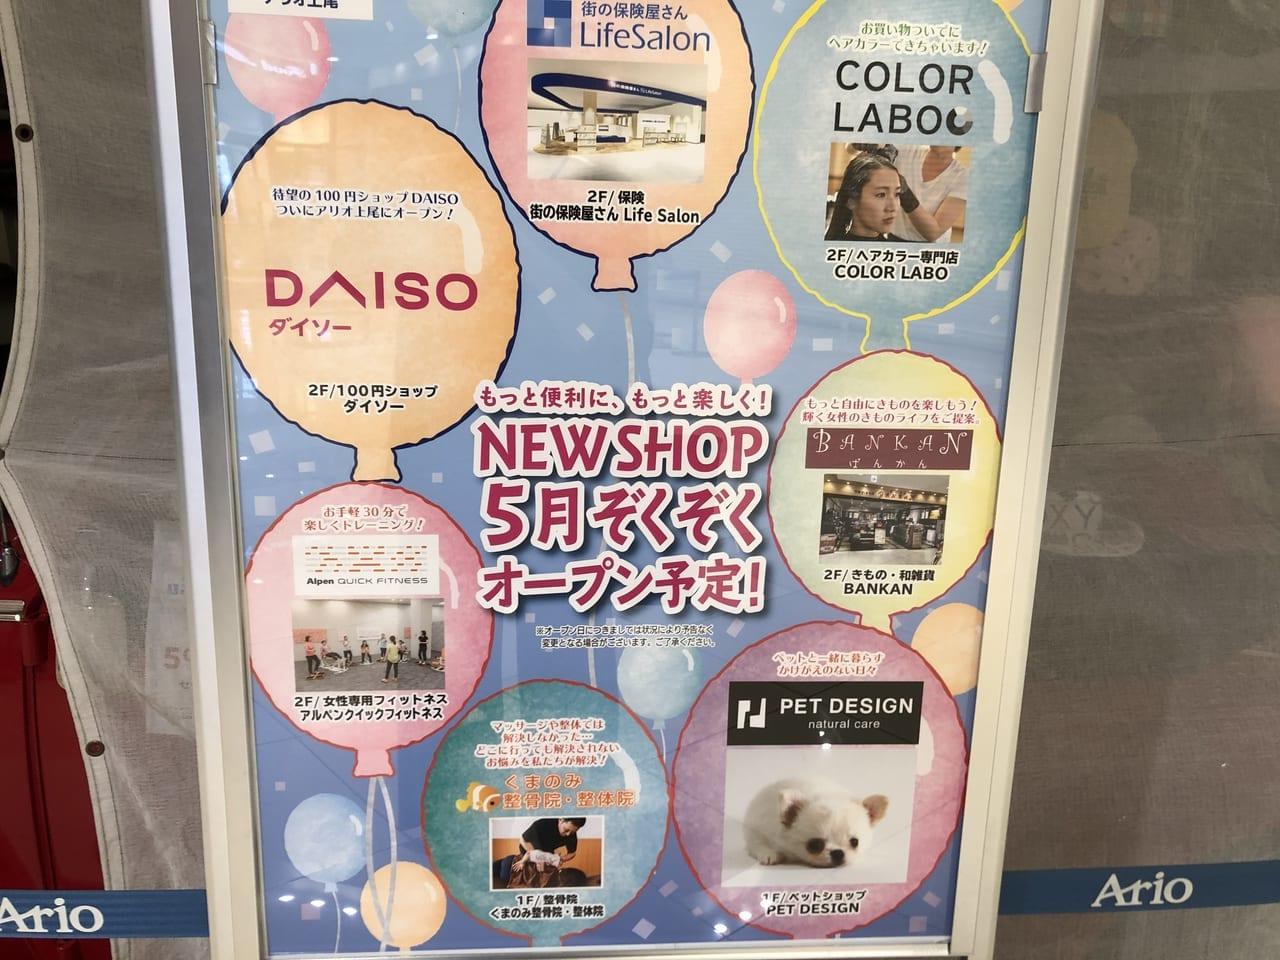 アリオ上尾5月オープン店舗